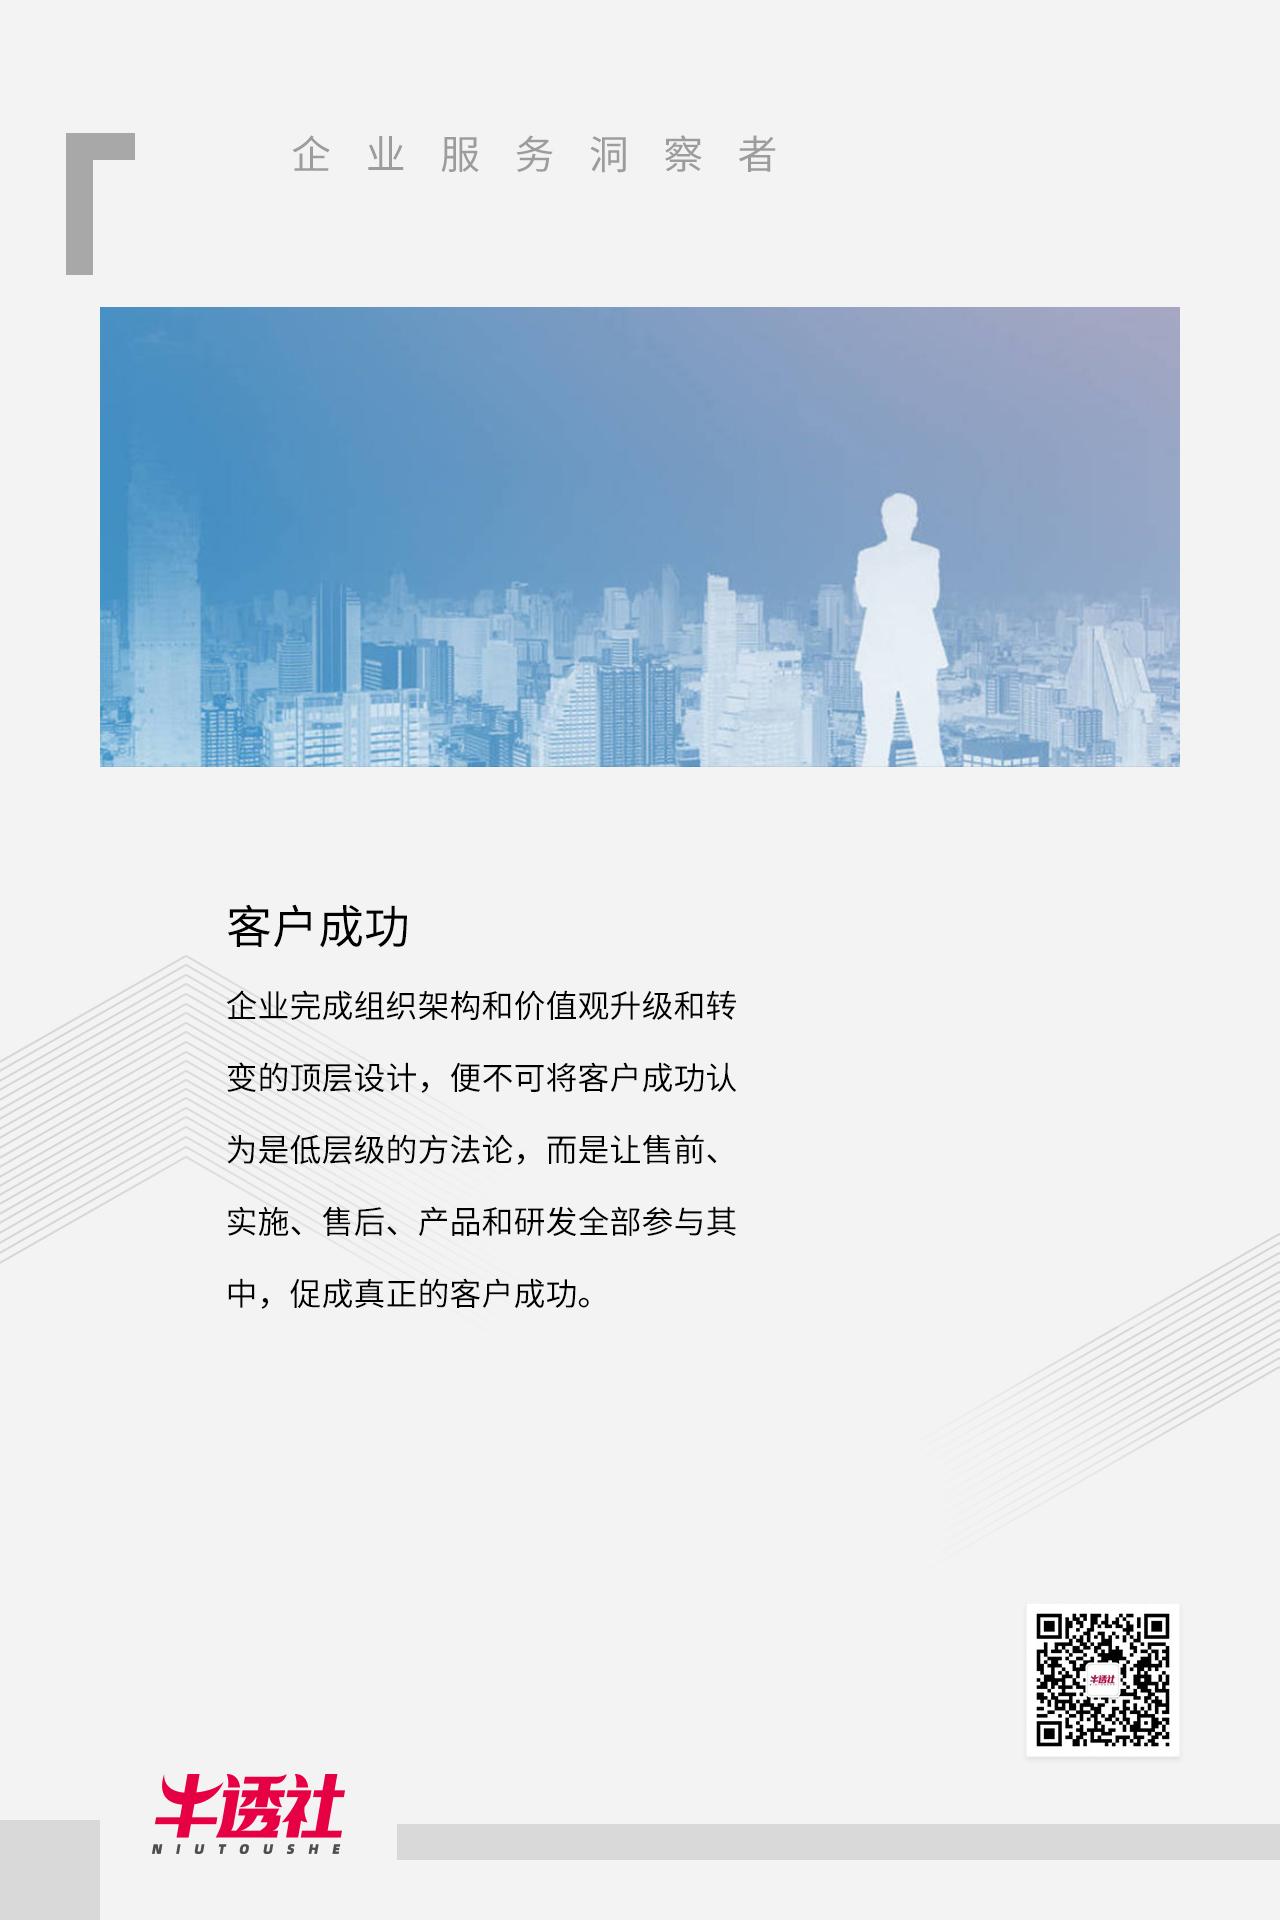 蓝驰客户成功长海报.jpg